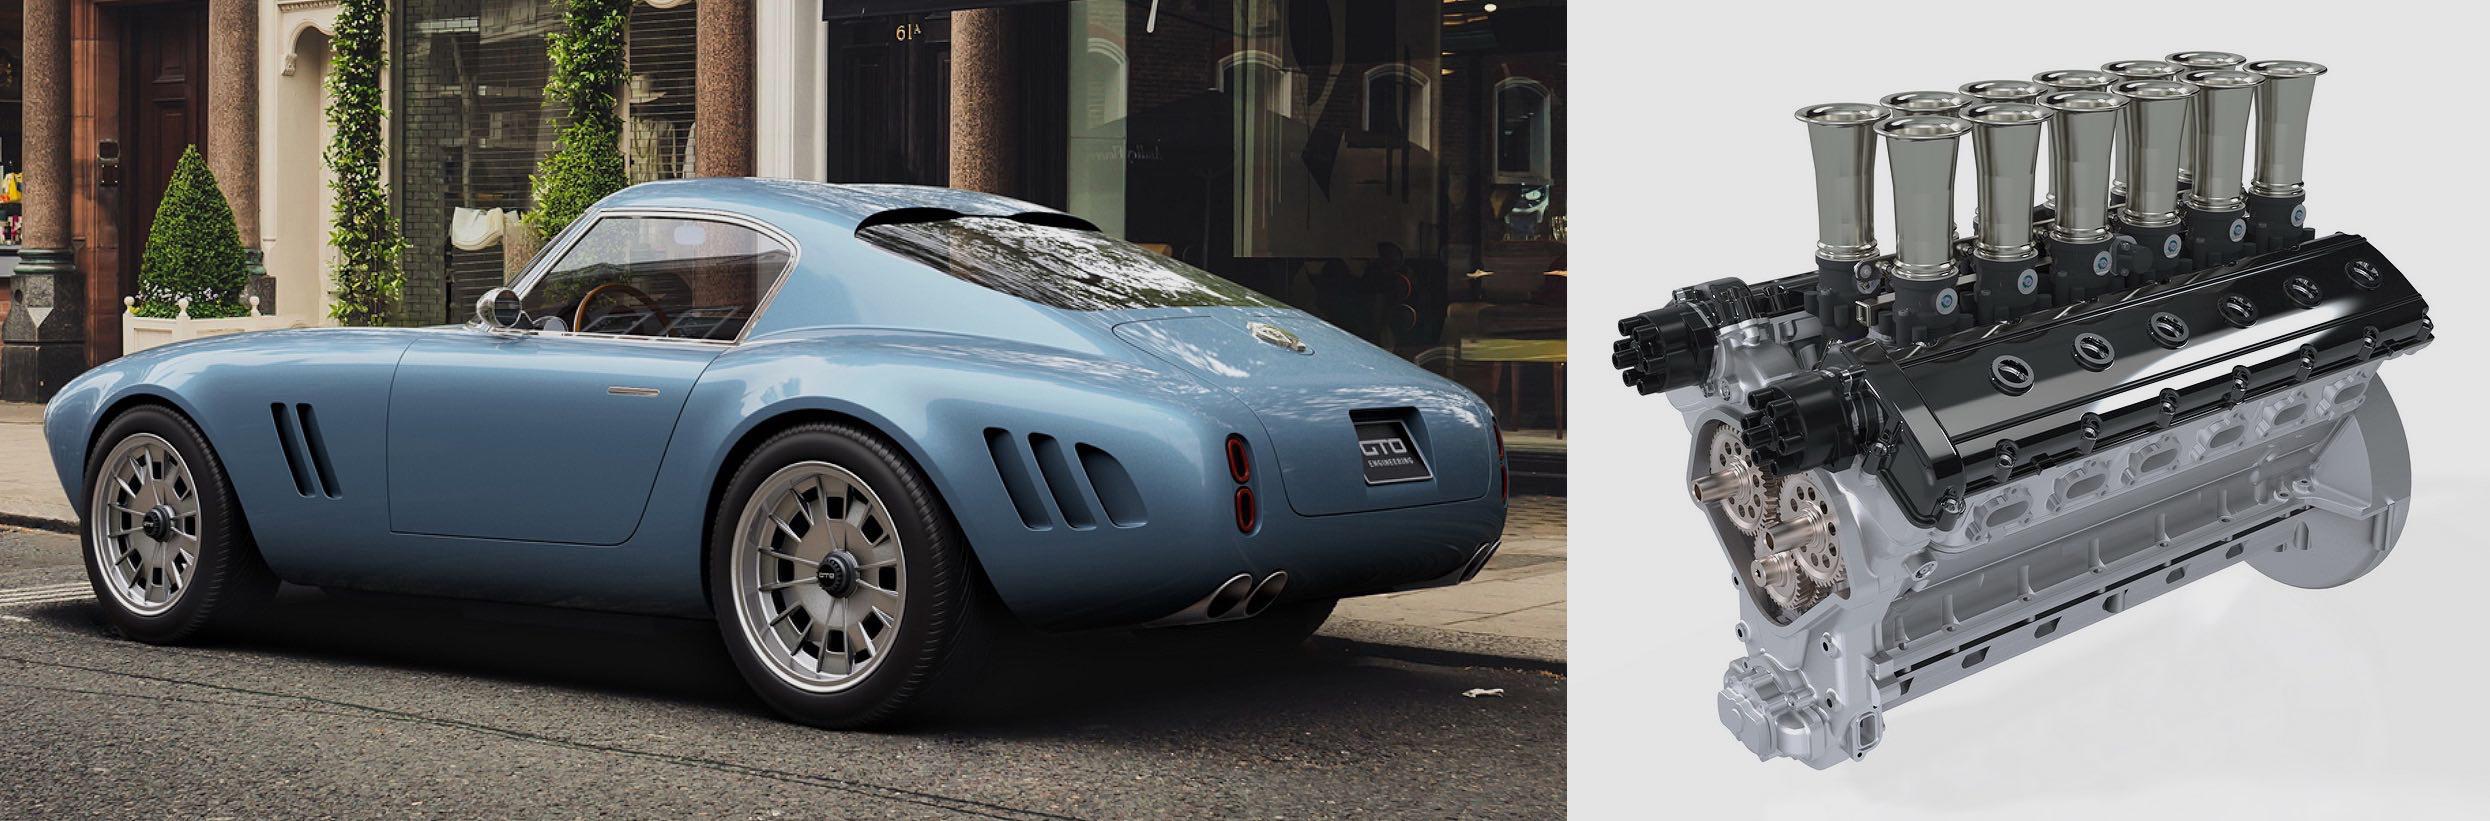 Суперкар GTO Engineering Squalo стал ближе к реальности